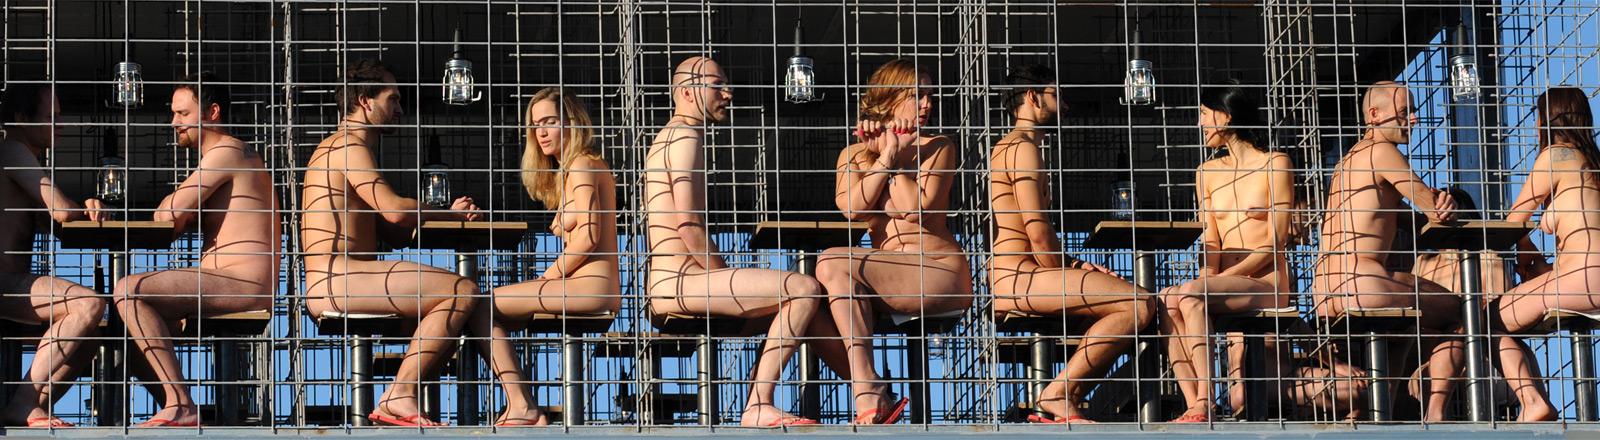 Nackte Menschen sitzen in einem großen Käfig.